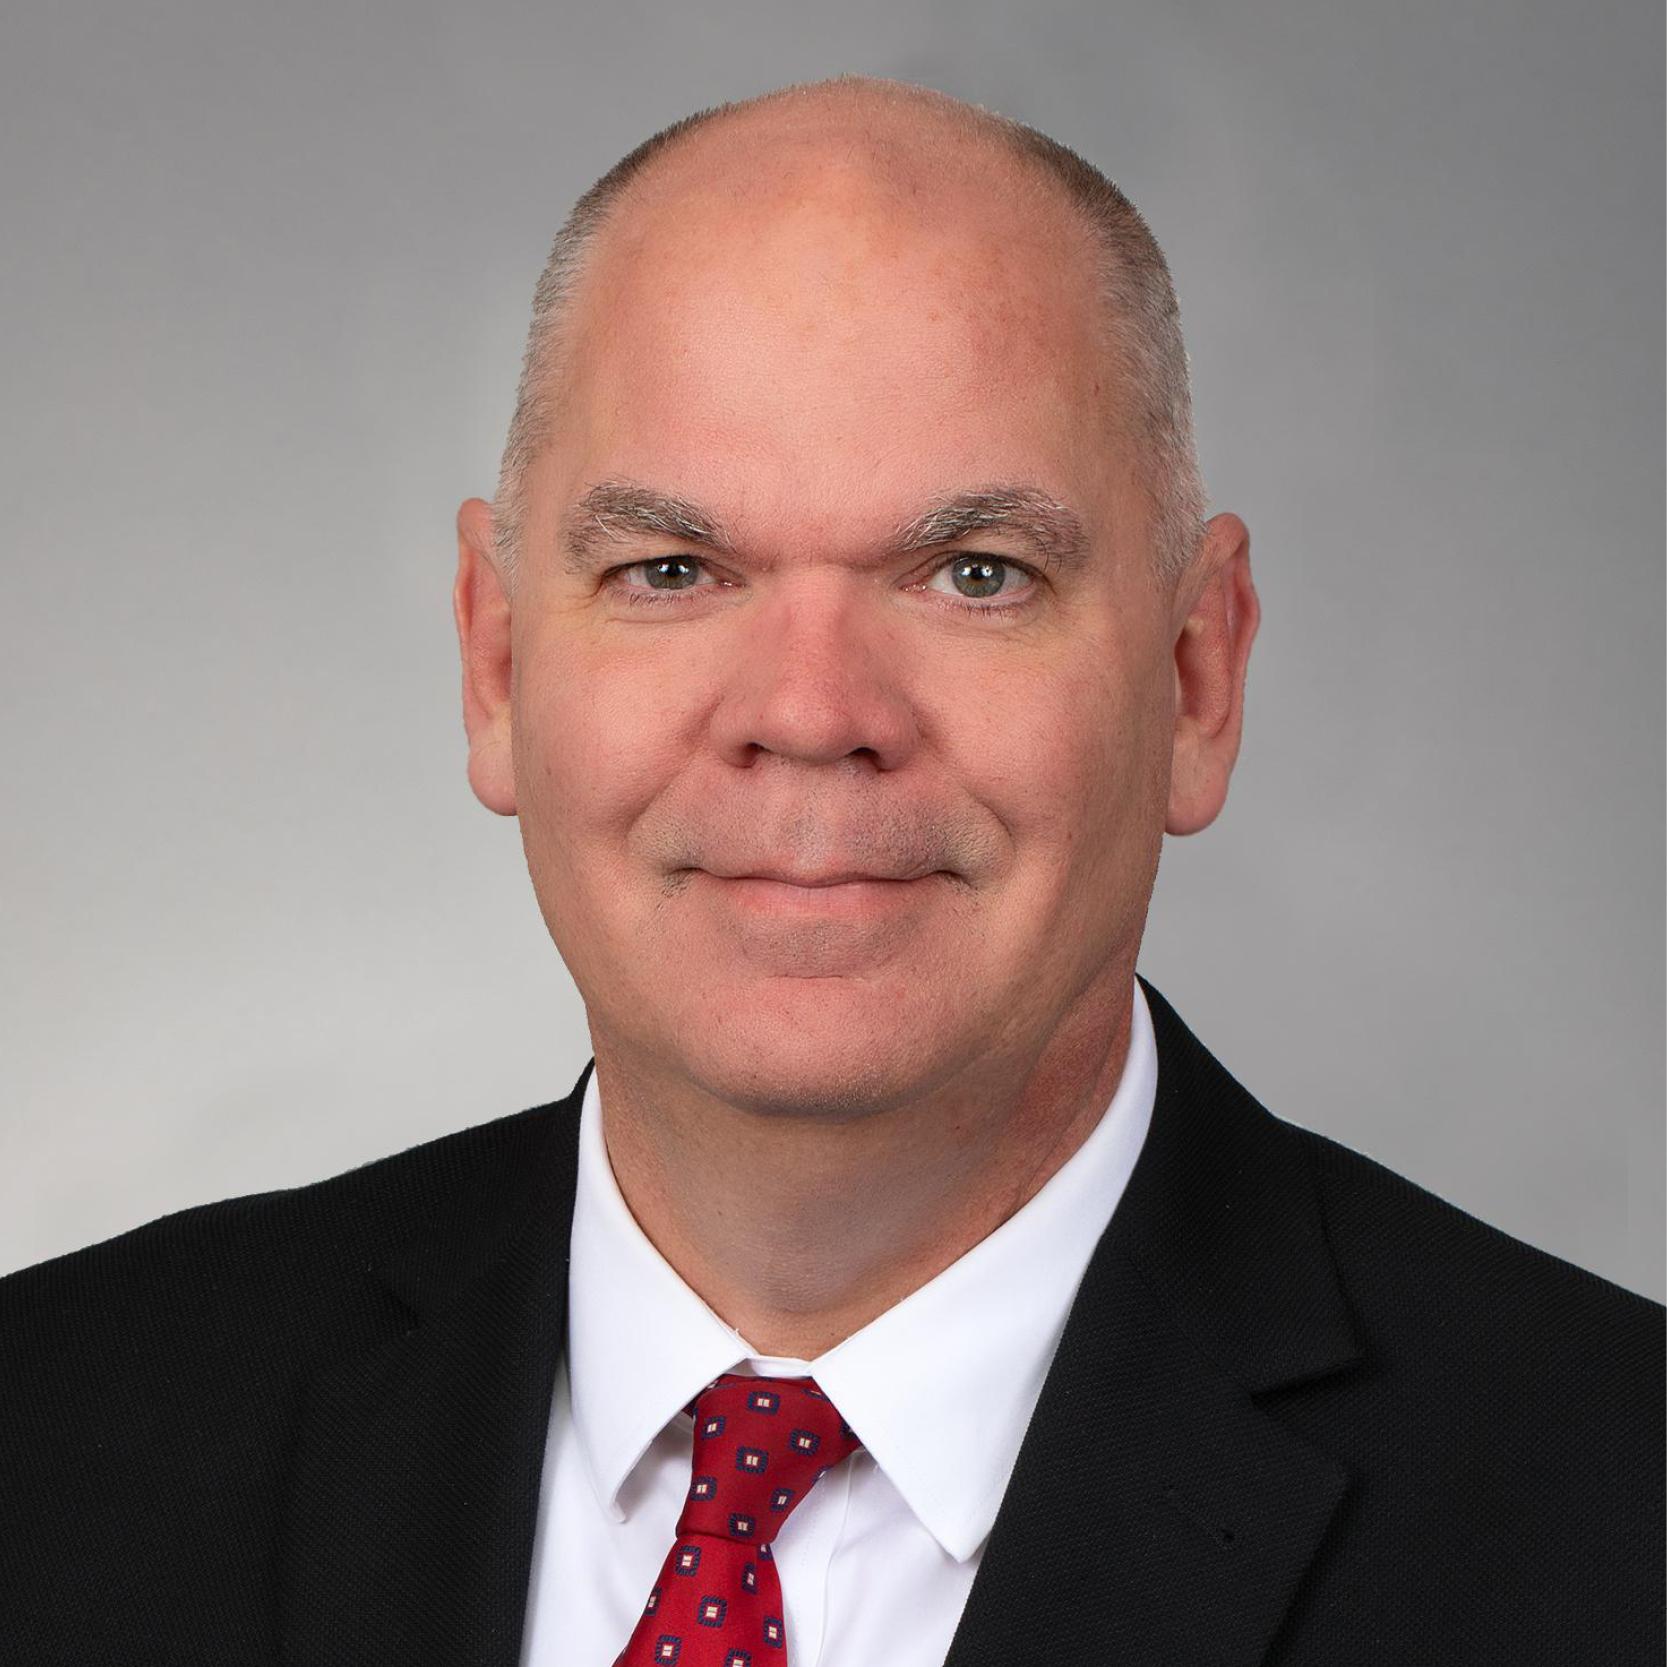 Thomas P. Henican